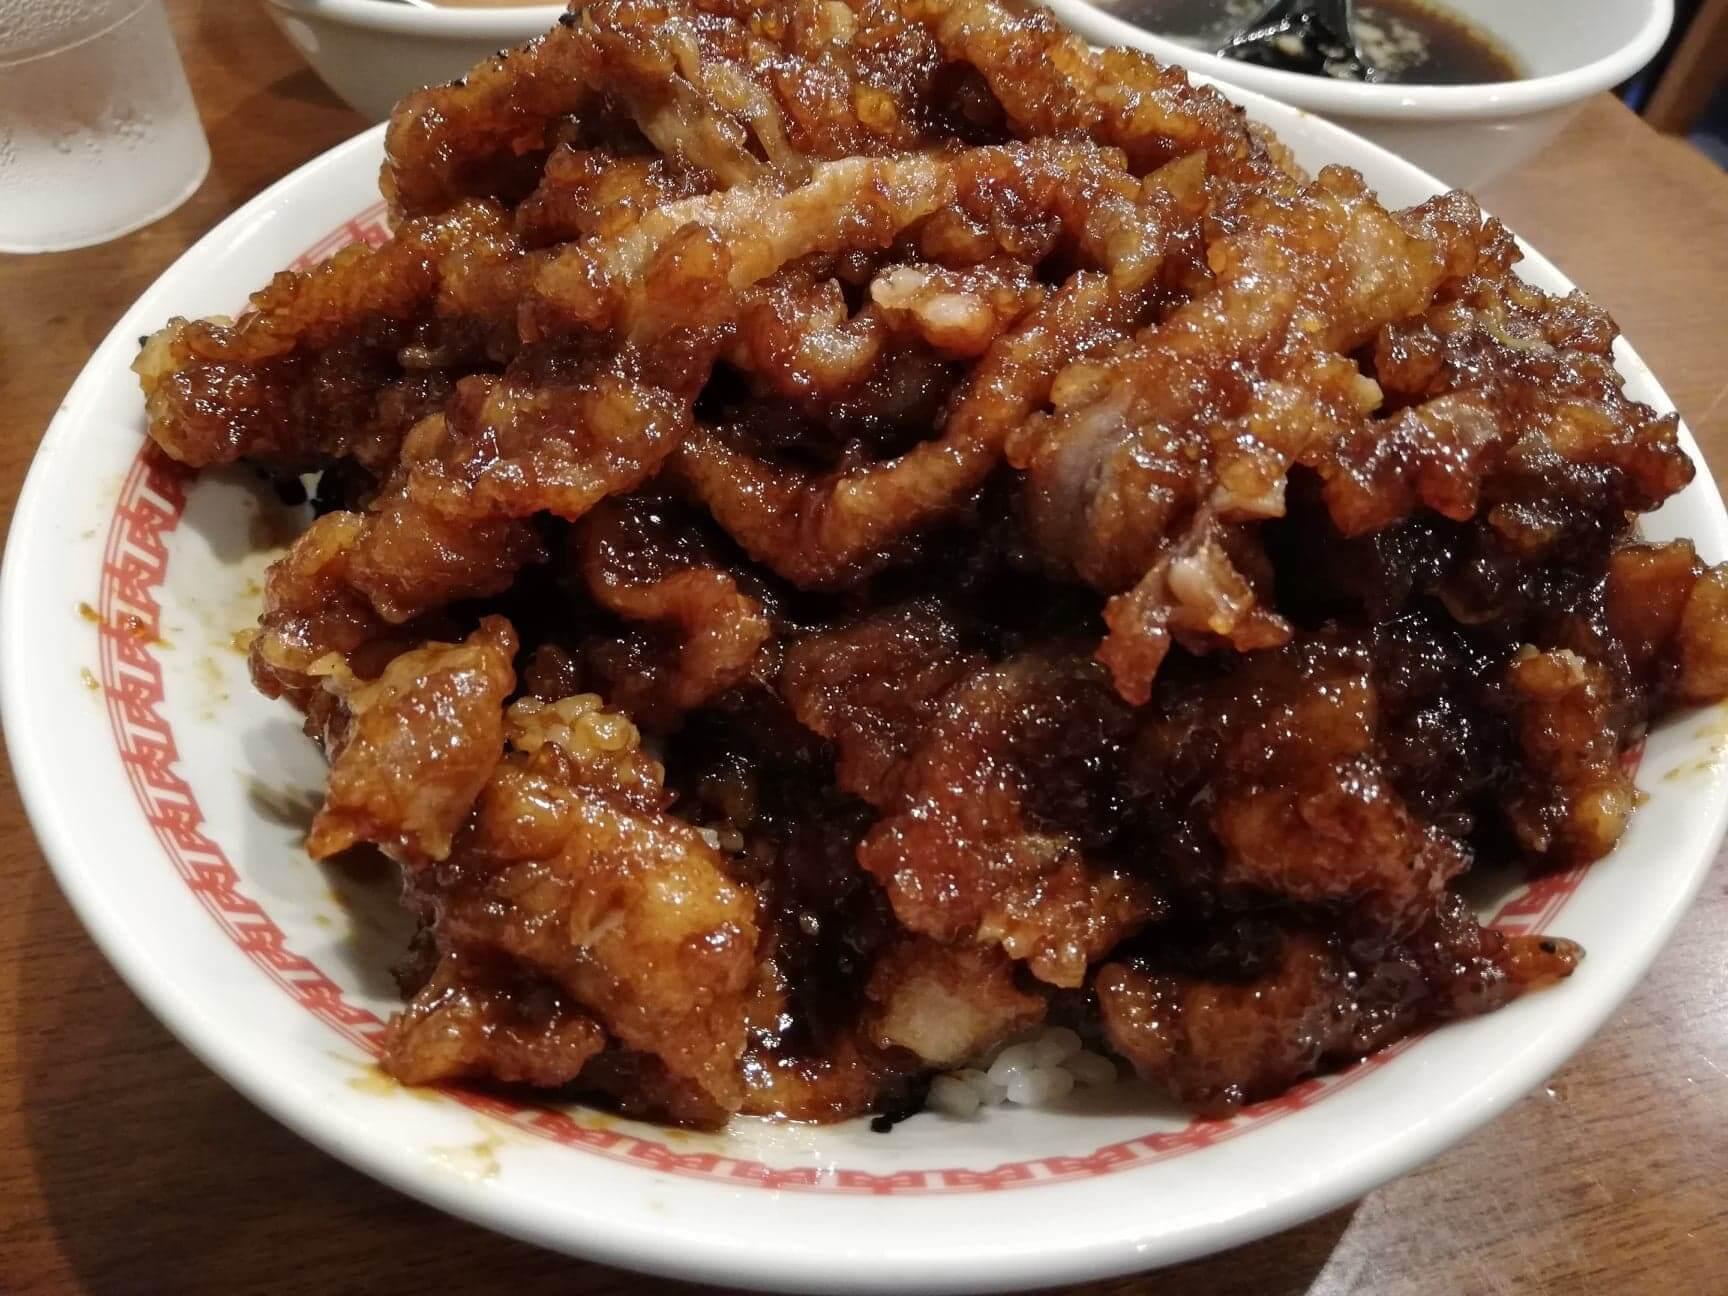 高田馬場『肉汁麺ススム』の肉汁丼のアップ写真